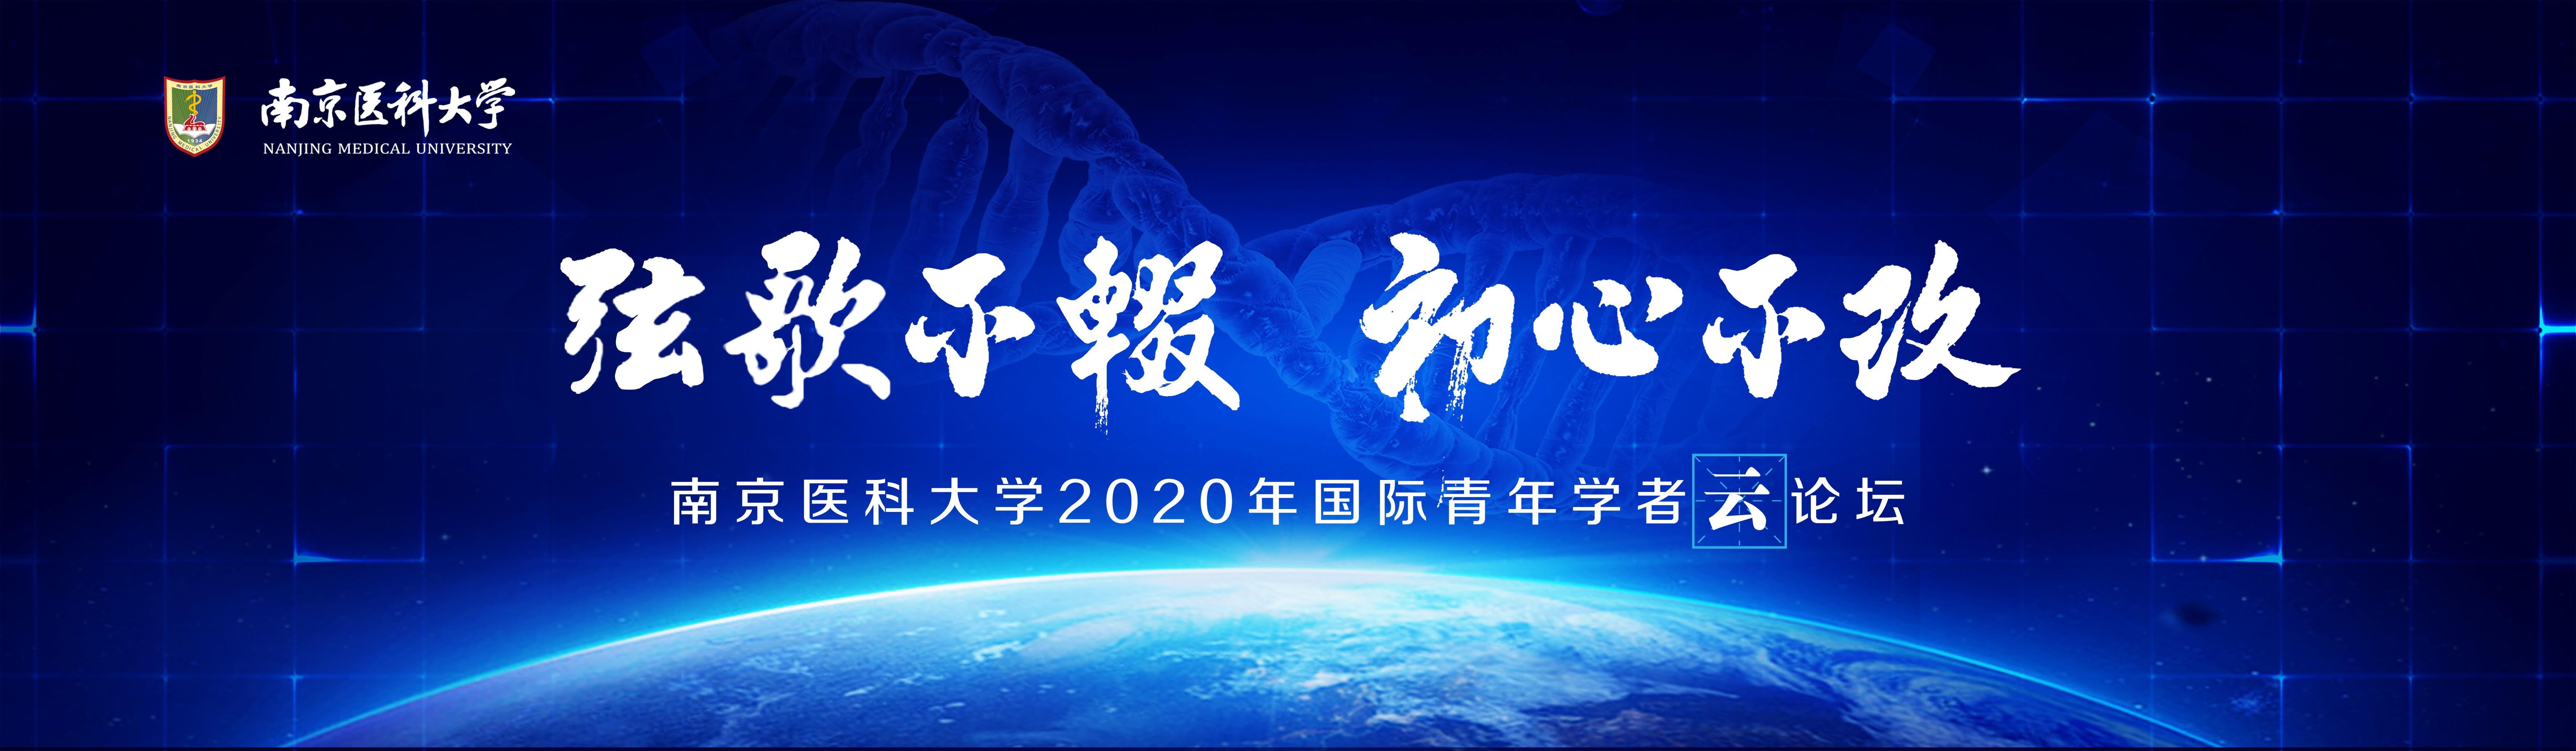 南京医科大学1106宣讲会